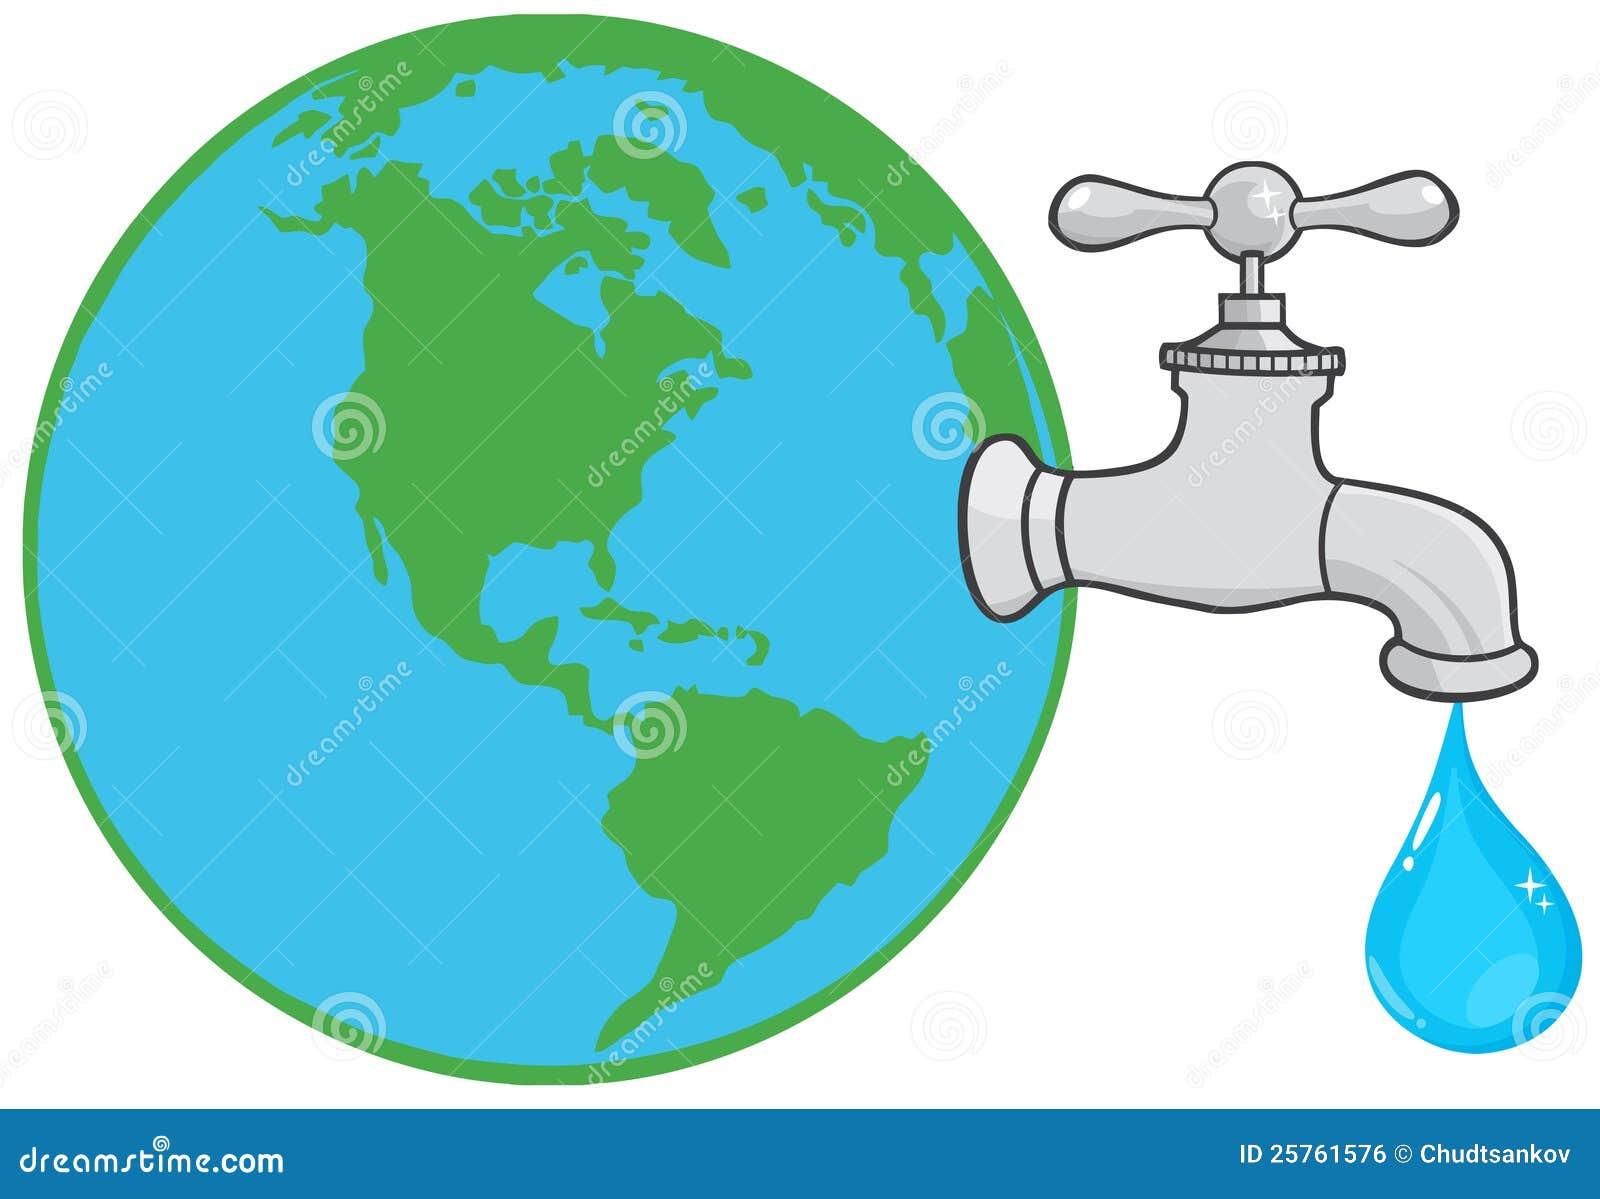 Globo de la tierra con el grifo de agua ilustraci n del for Grifo dibujo